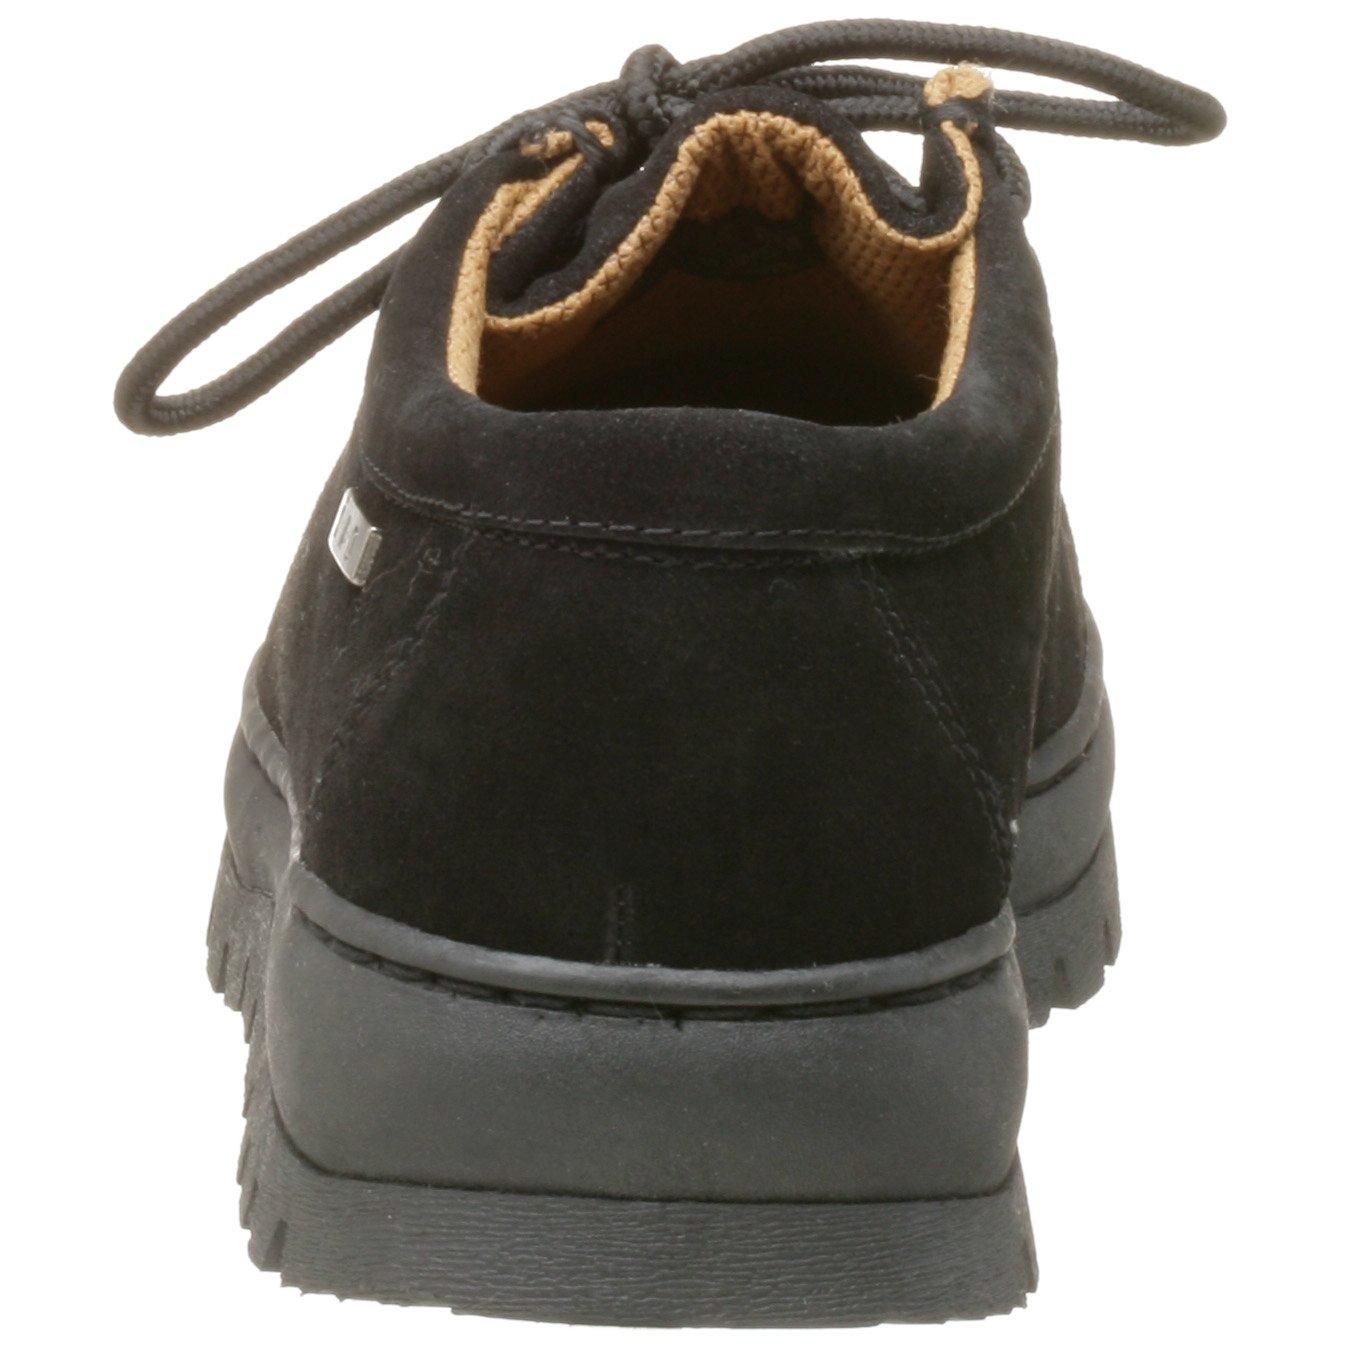 ZHUSSS nurse medical gift for nurses Sandals for Men Women Non-Slip Slippers Unisex Adult Casual Shower Slippers Sandals